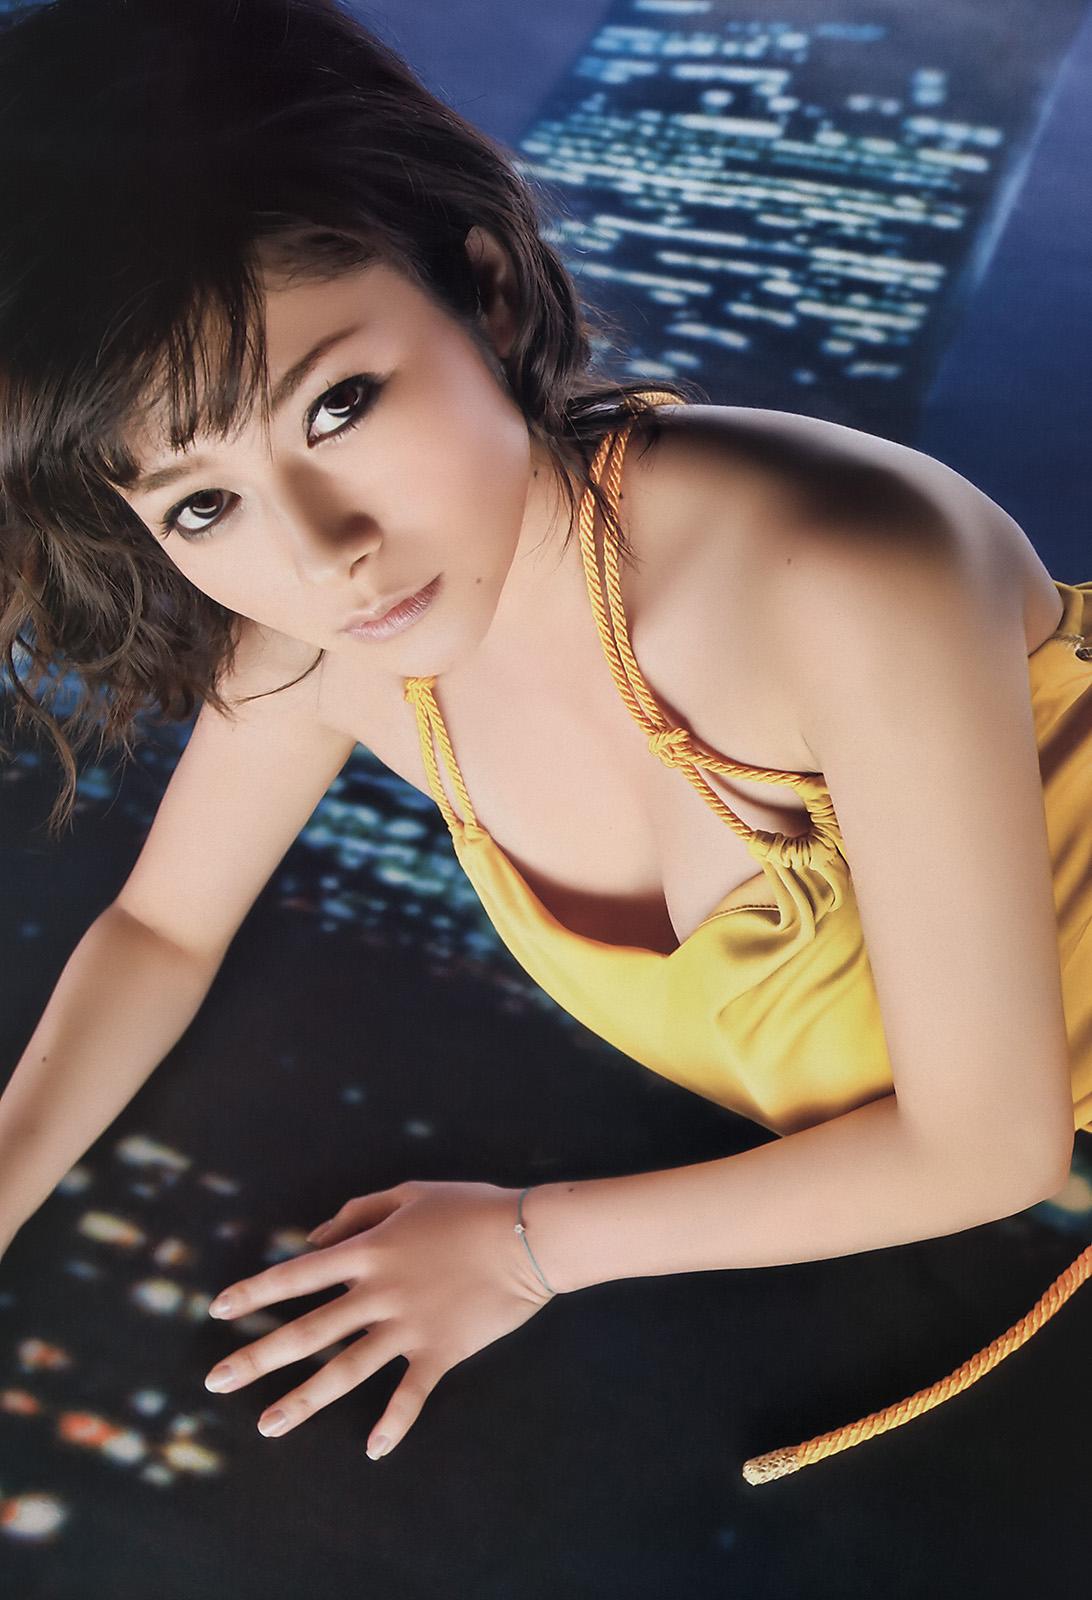 まばゆい実力派女優のグラビア!! 真木よう子 2011 芸能アイドルモデル女優水着画像集